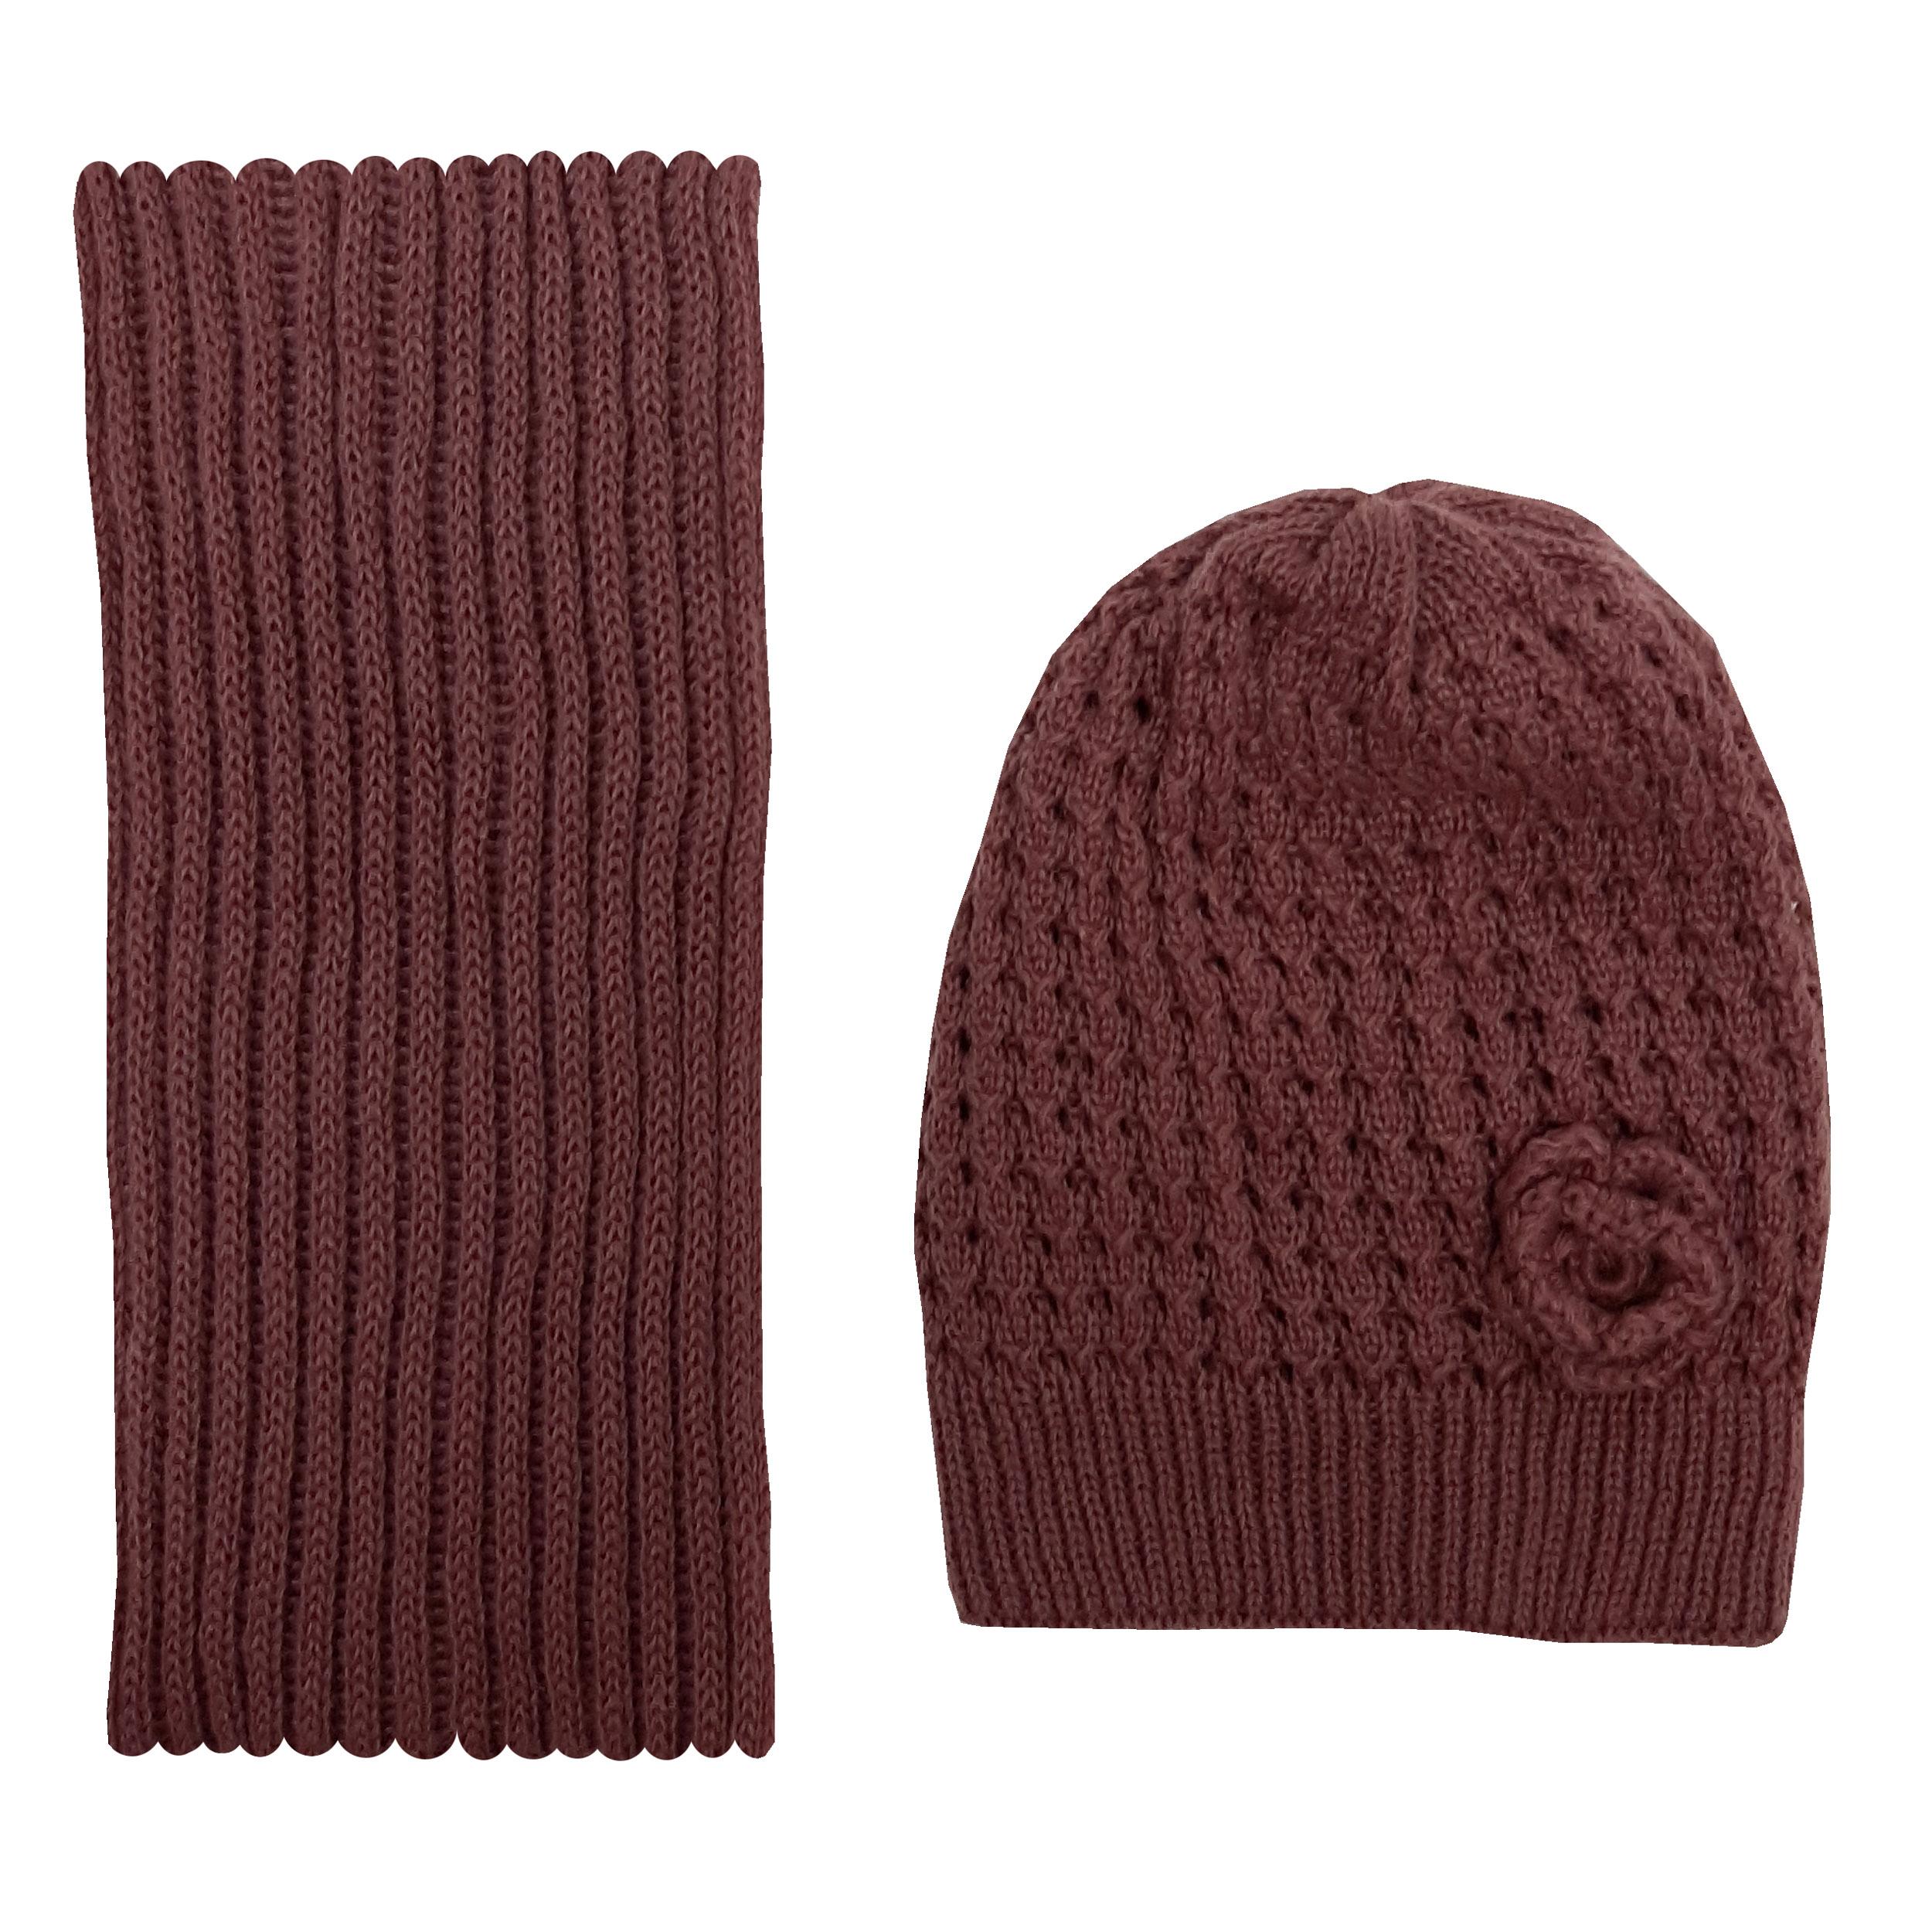 ست کلاه و شال گردن بافتنی دخترانه کد MA44-33